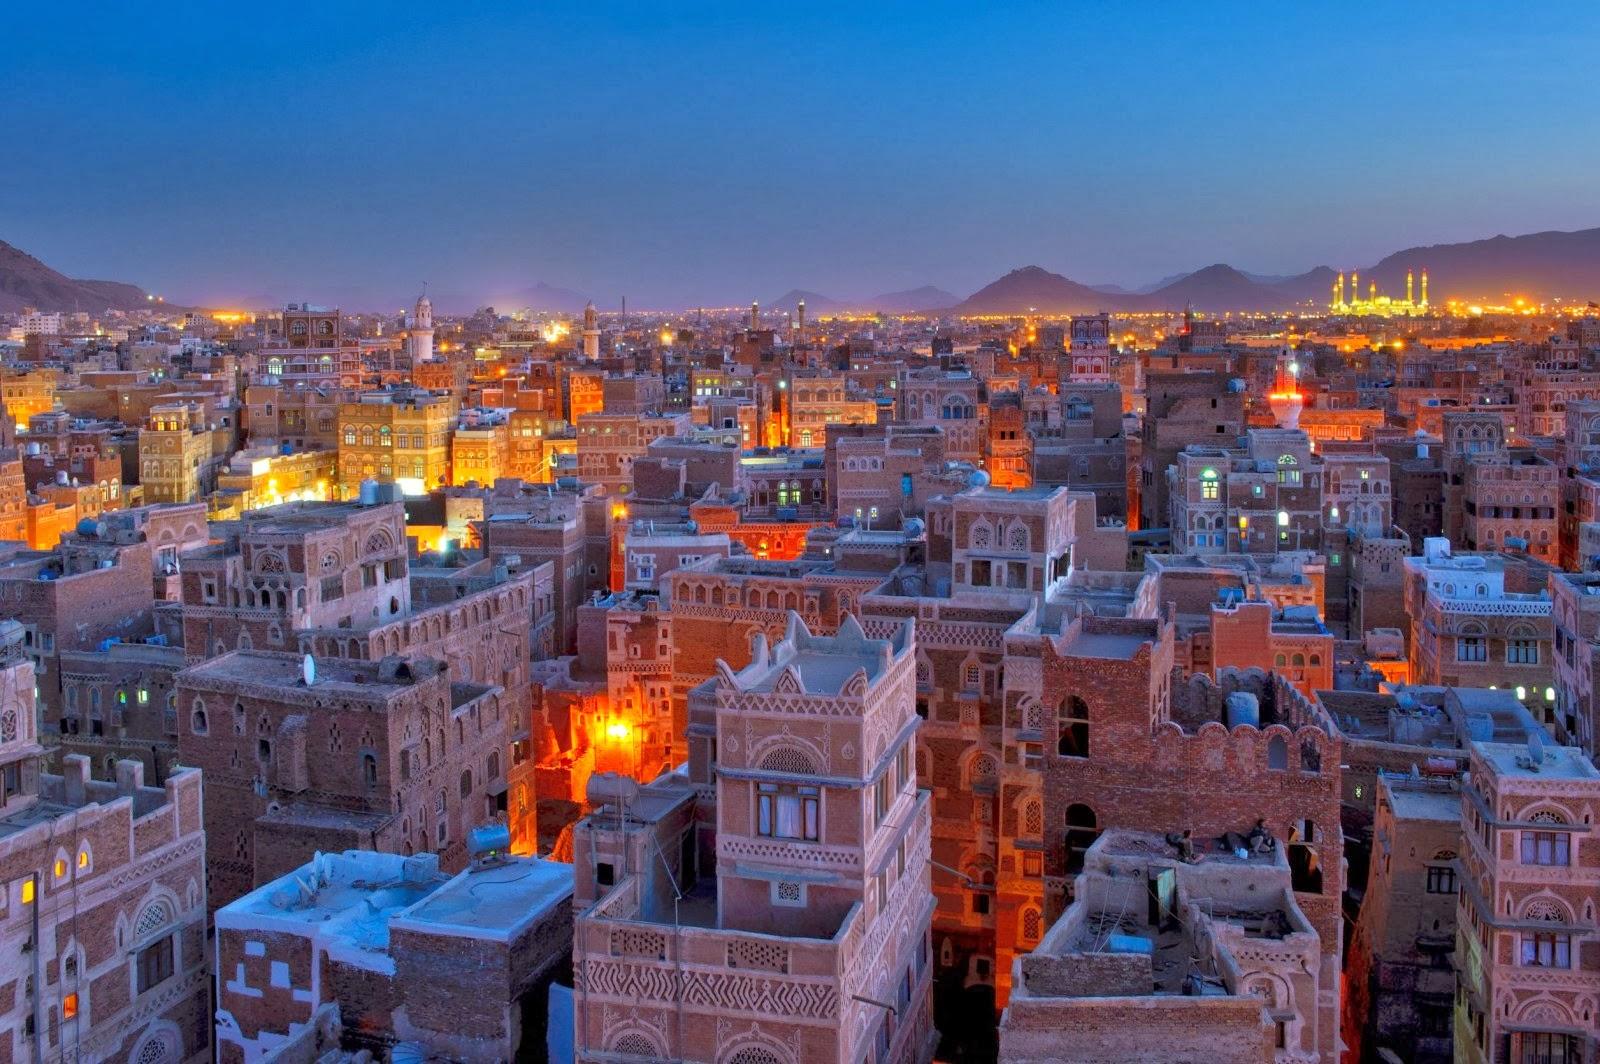 Pergelator: Sana'a, Capital of Yemen